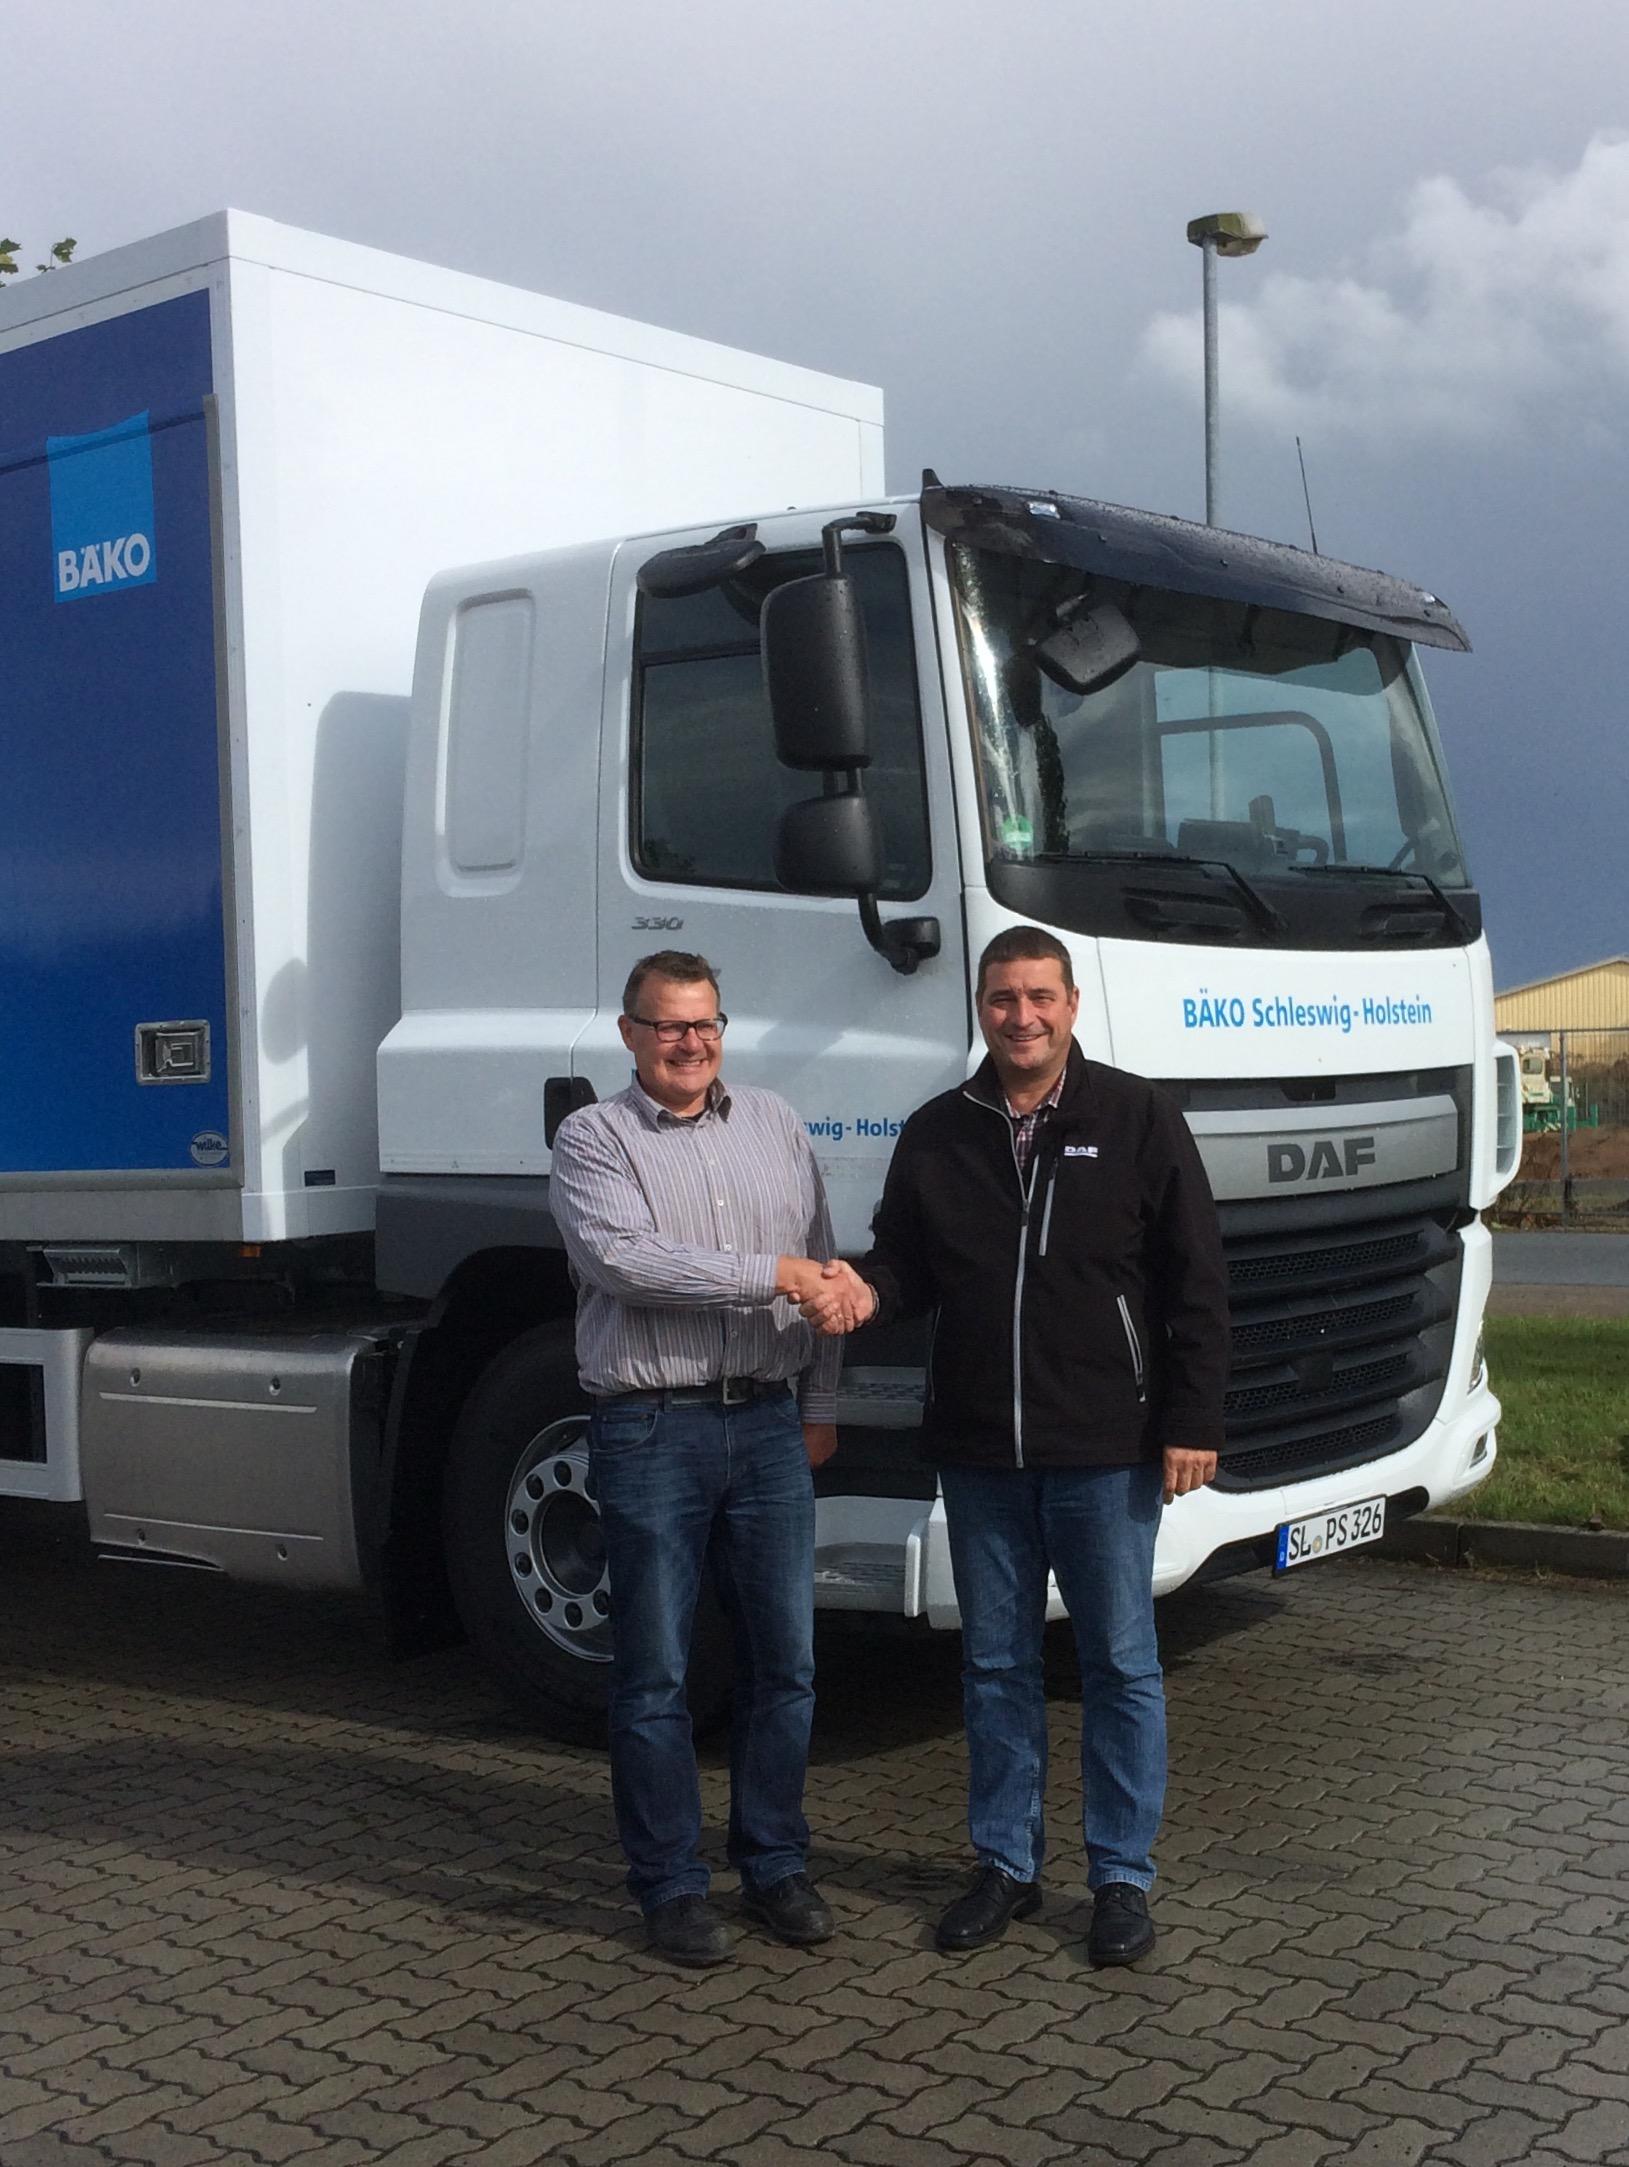 Fahrzeugübergabe an die Bäko Schleswig-Holstein eG